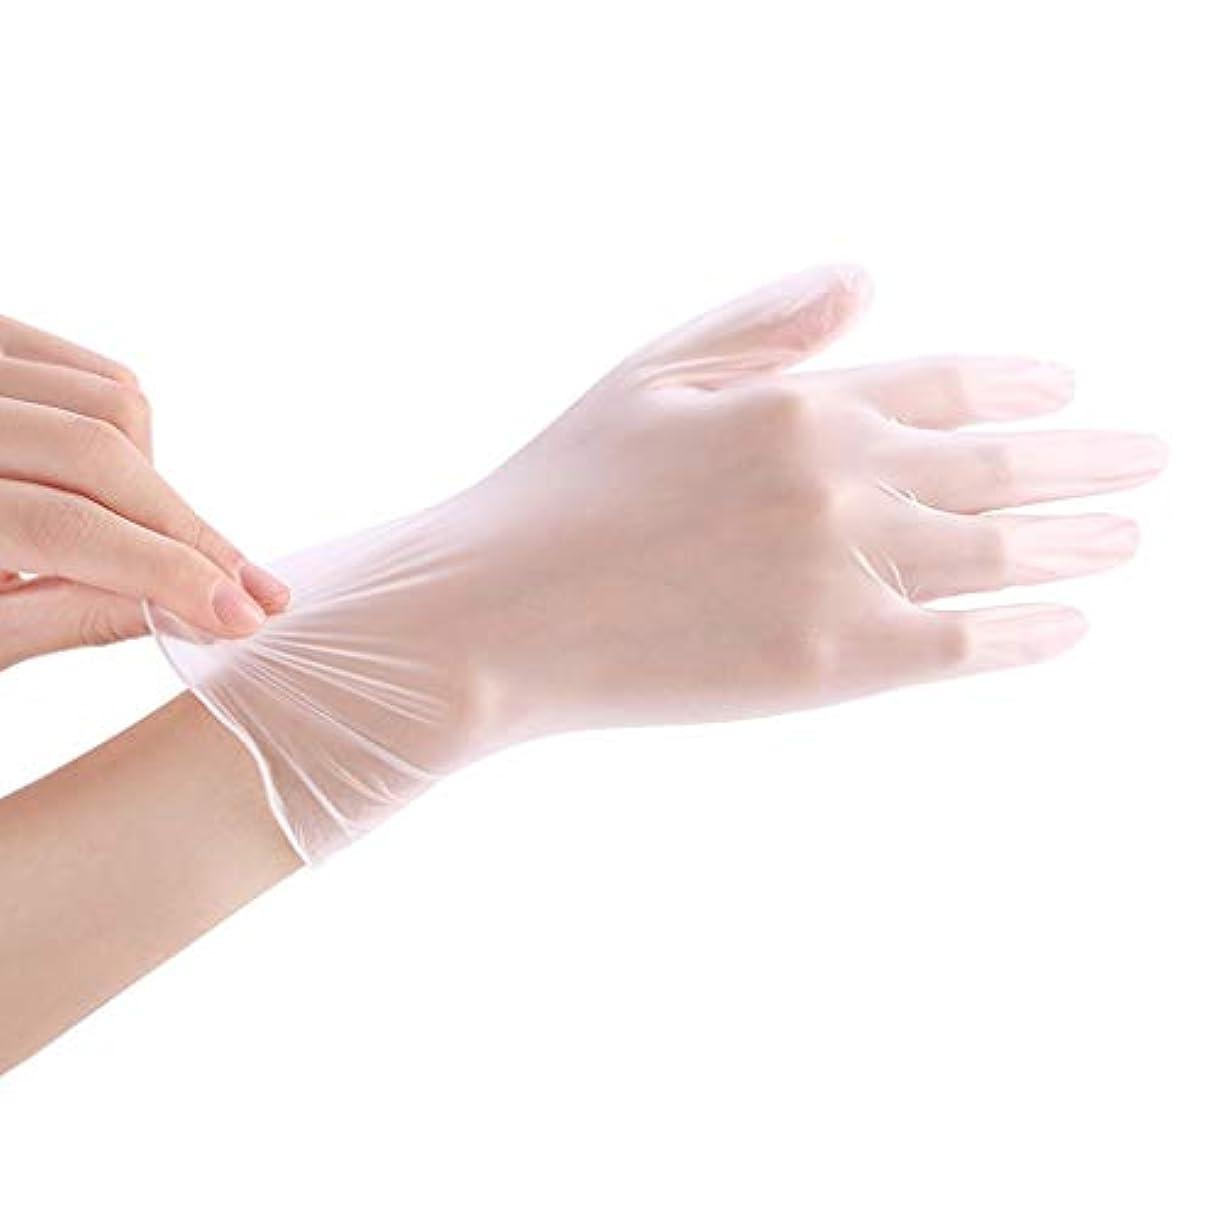 手がかり騒々しいクリープ使い捨て透明食品ケータリンググレードPVC手袋美容キッチンベーキングフィルム手袋200 YANW (色 : トランスペアレント, サイズ さいず : L l)